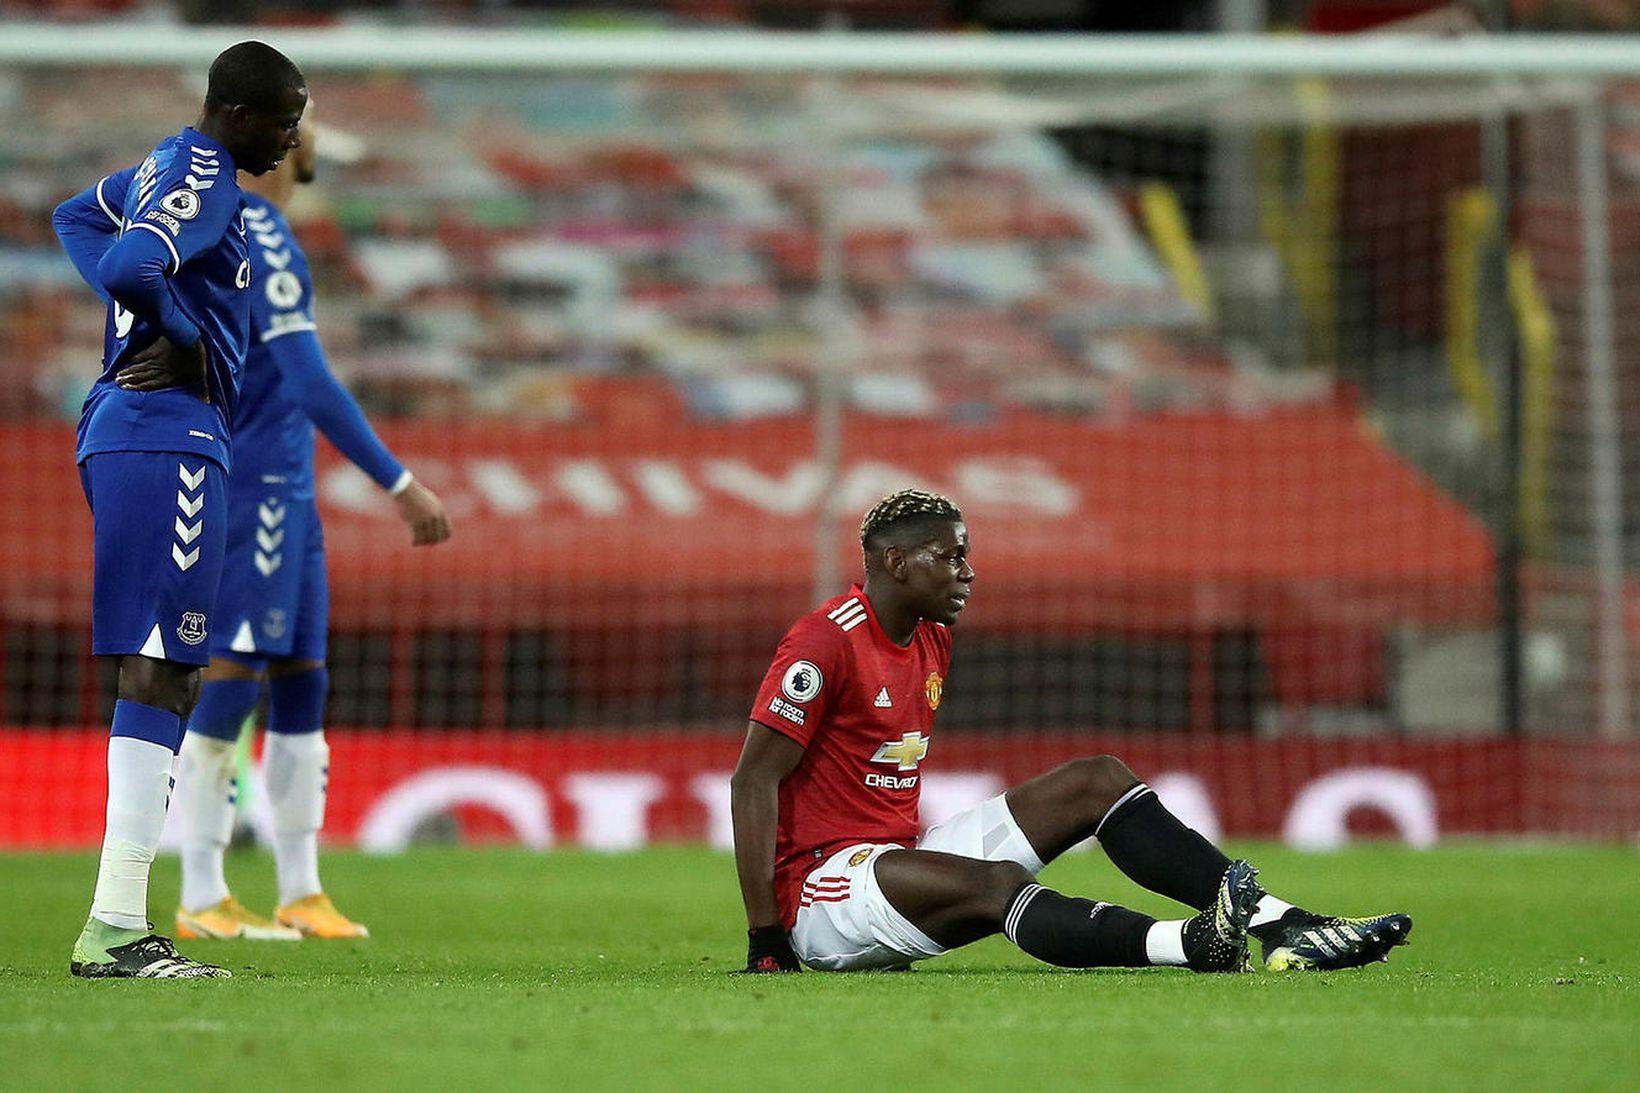 Paul Pogba fór meiddur af velli gegn Everton.